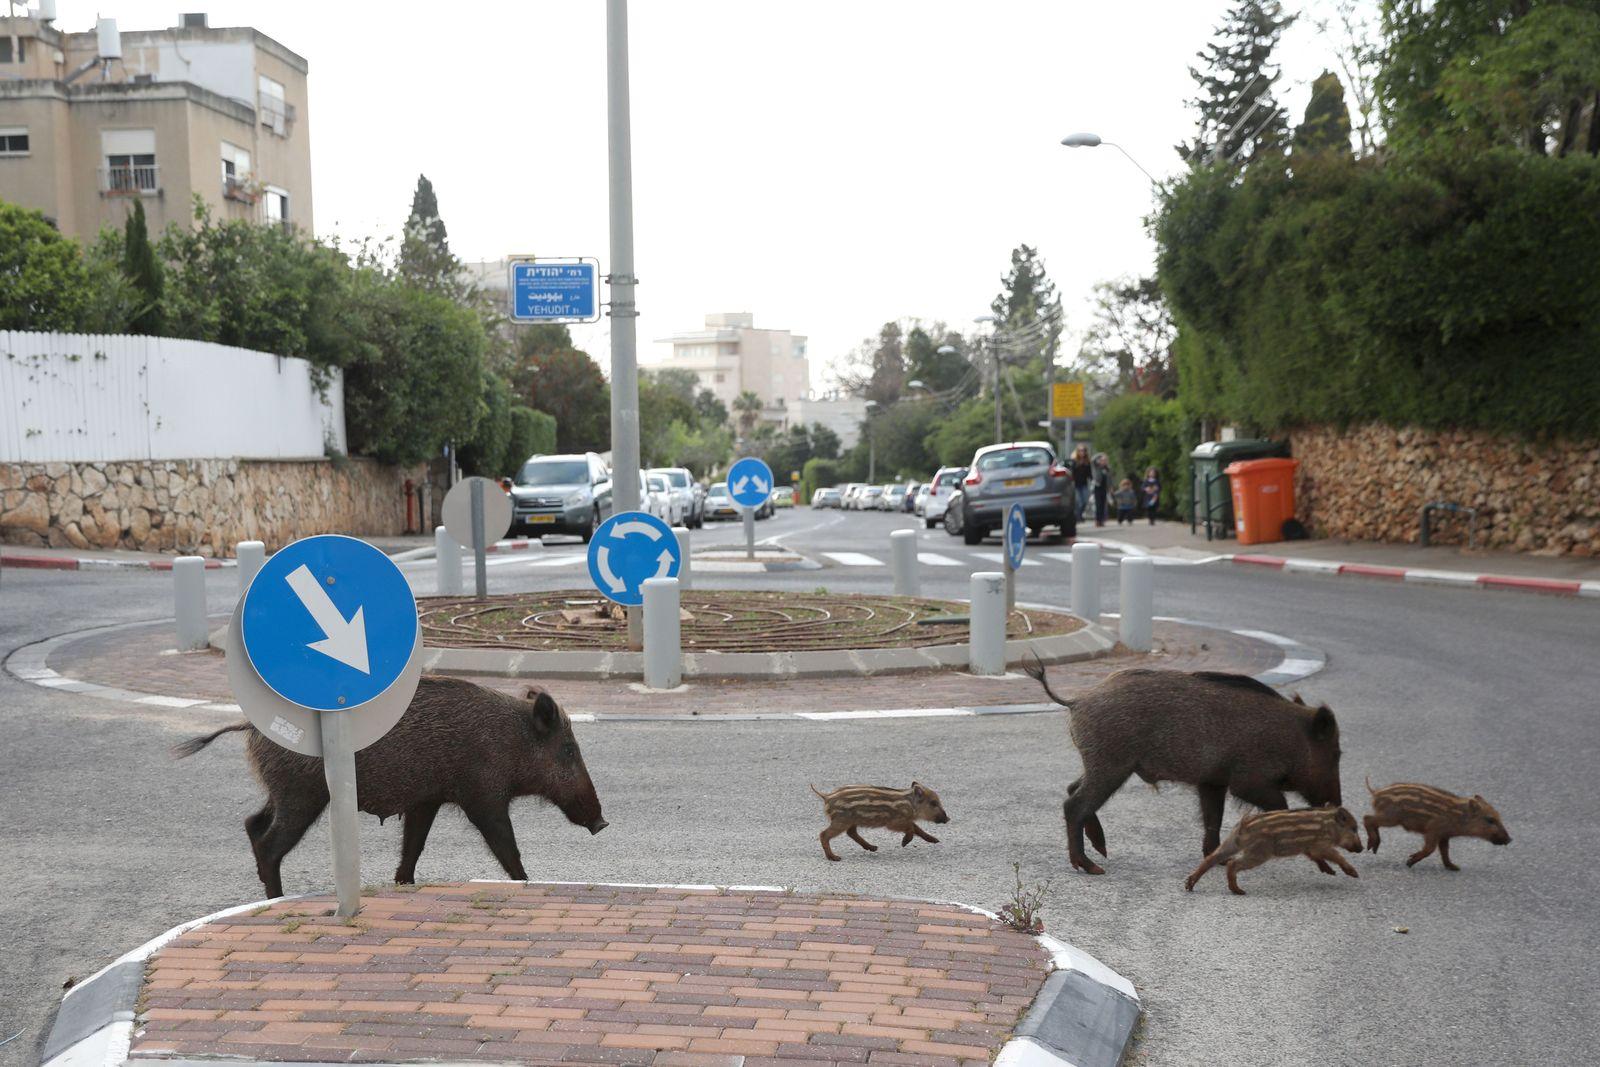 Coronavirus pandemic - wild animals roam free in Israel, Haifa - 11 Apr 2020